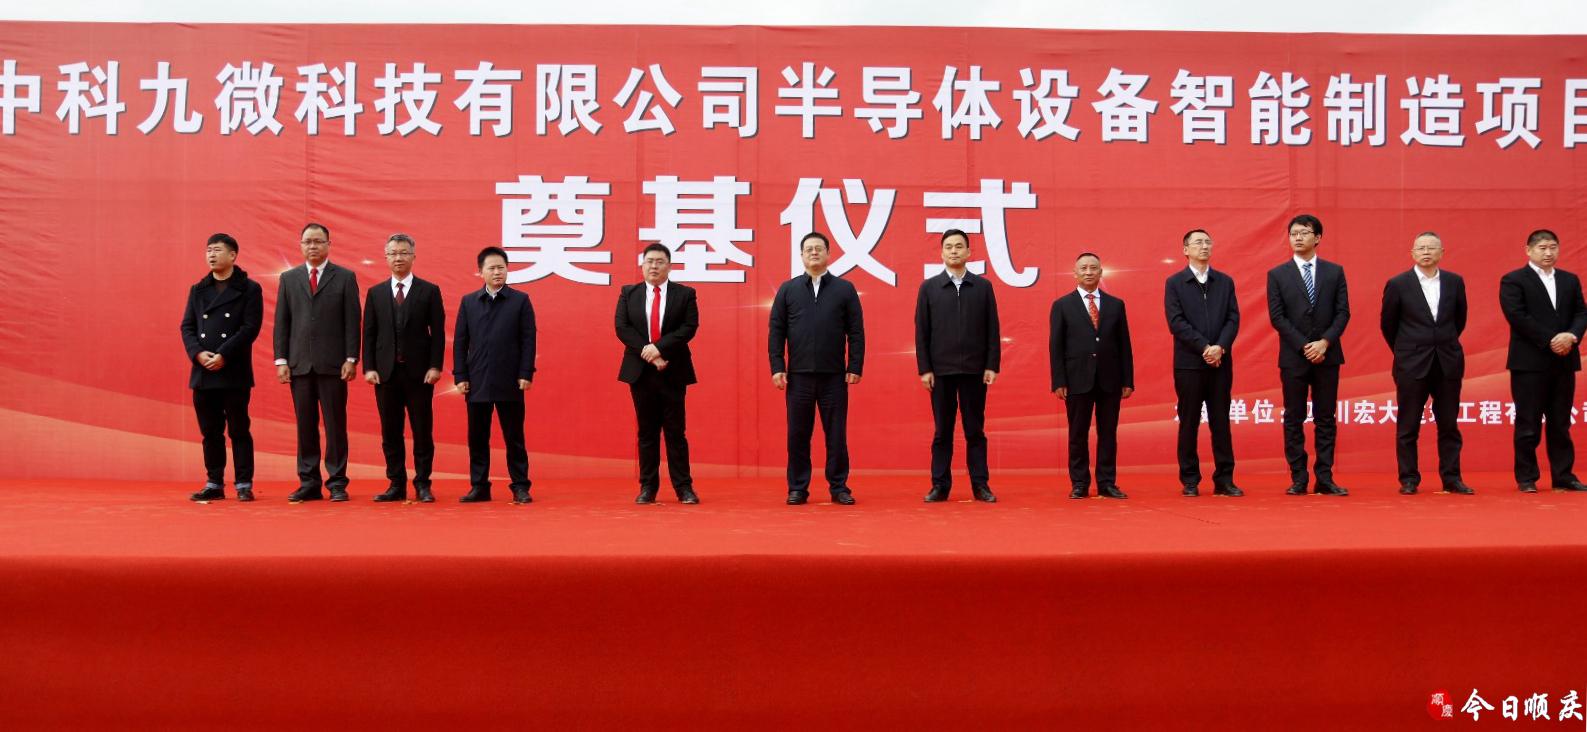 总投资28亿元 四川又一重磅半导体项目开工